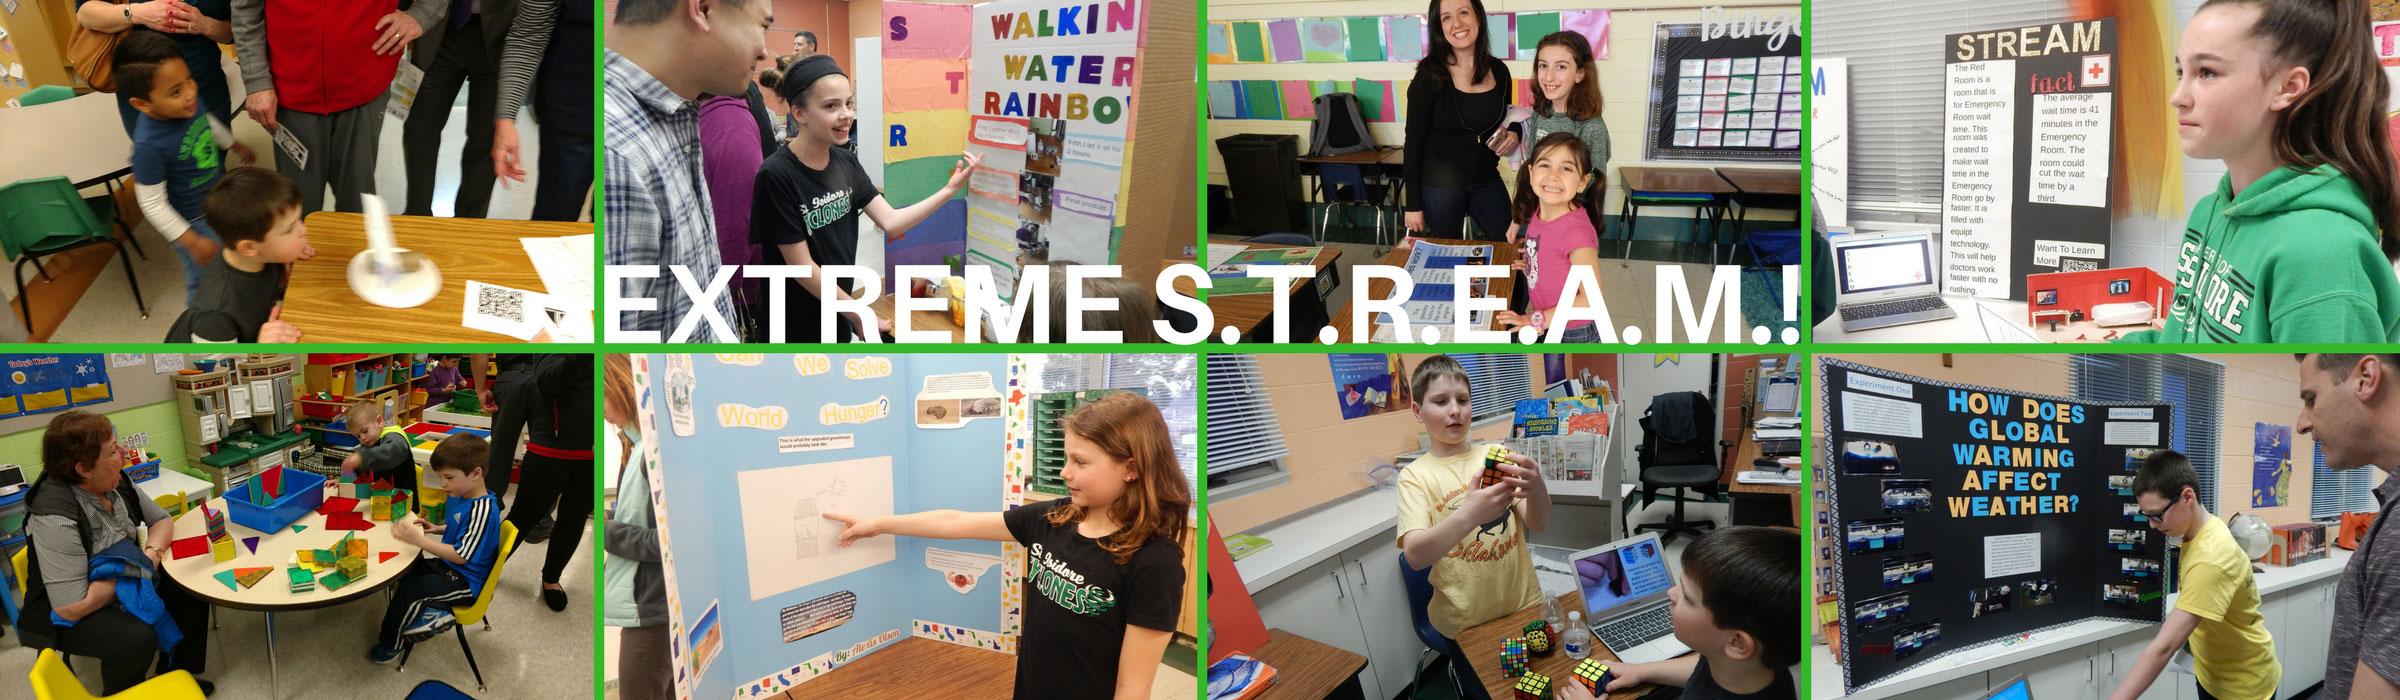 EXTREME-STREAM!-1